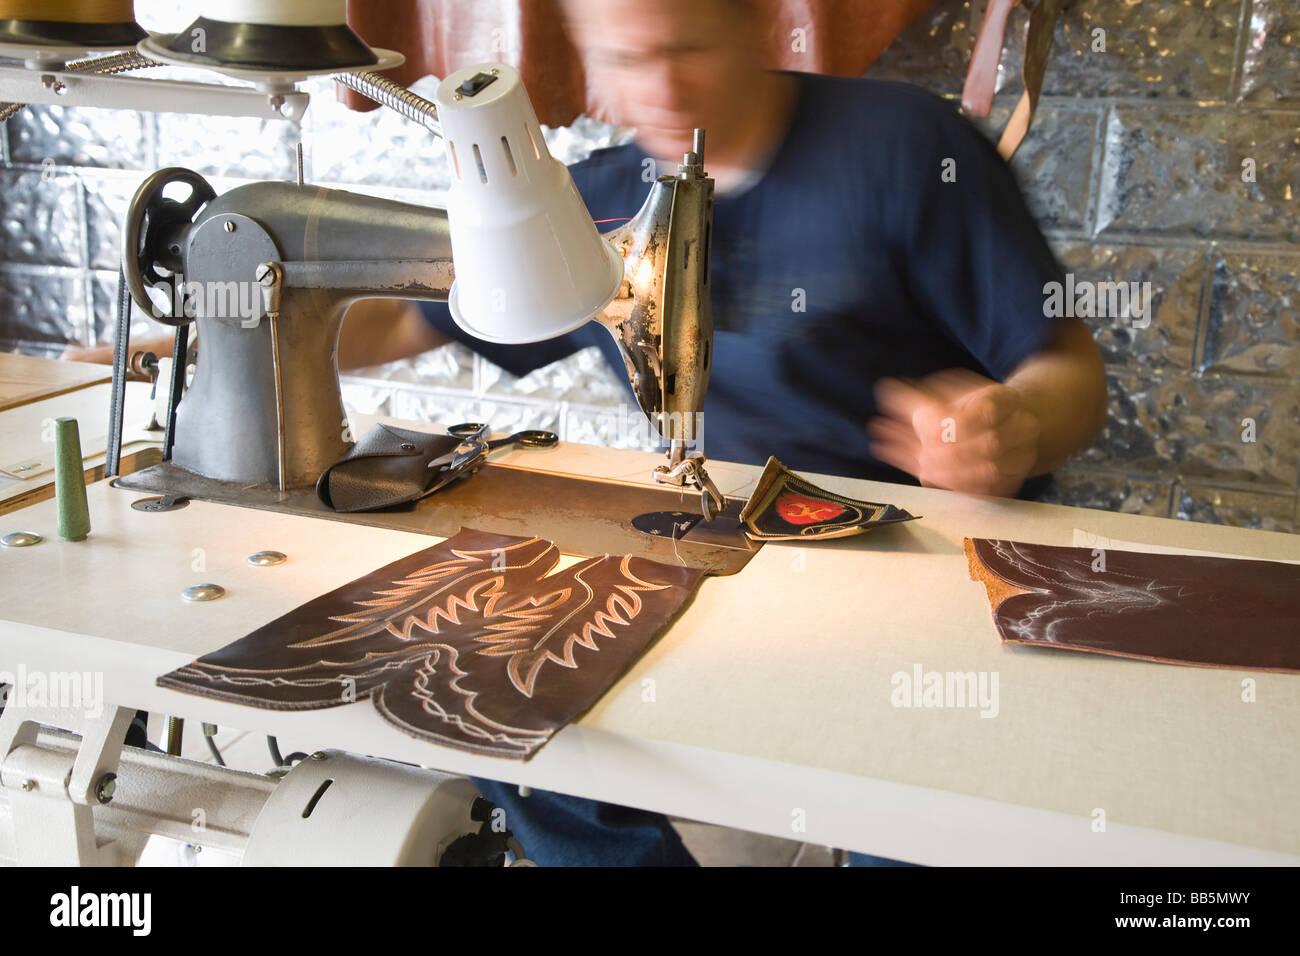 Taller artesano tradicional Imagen De Stock